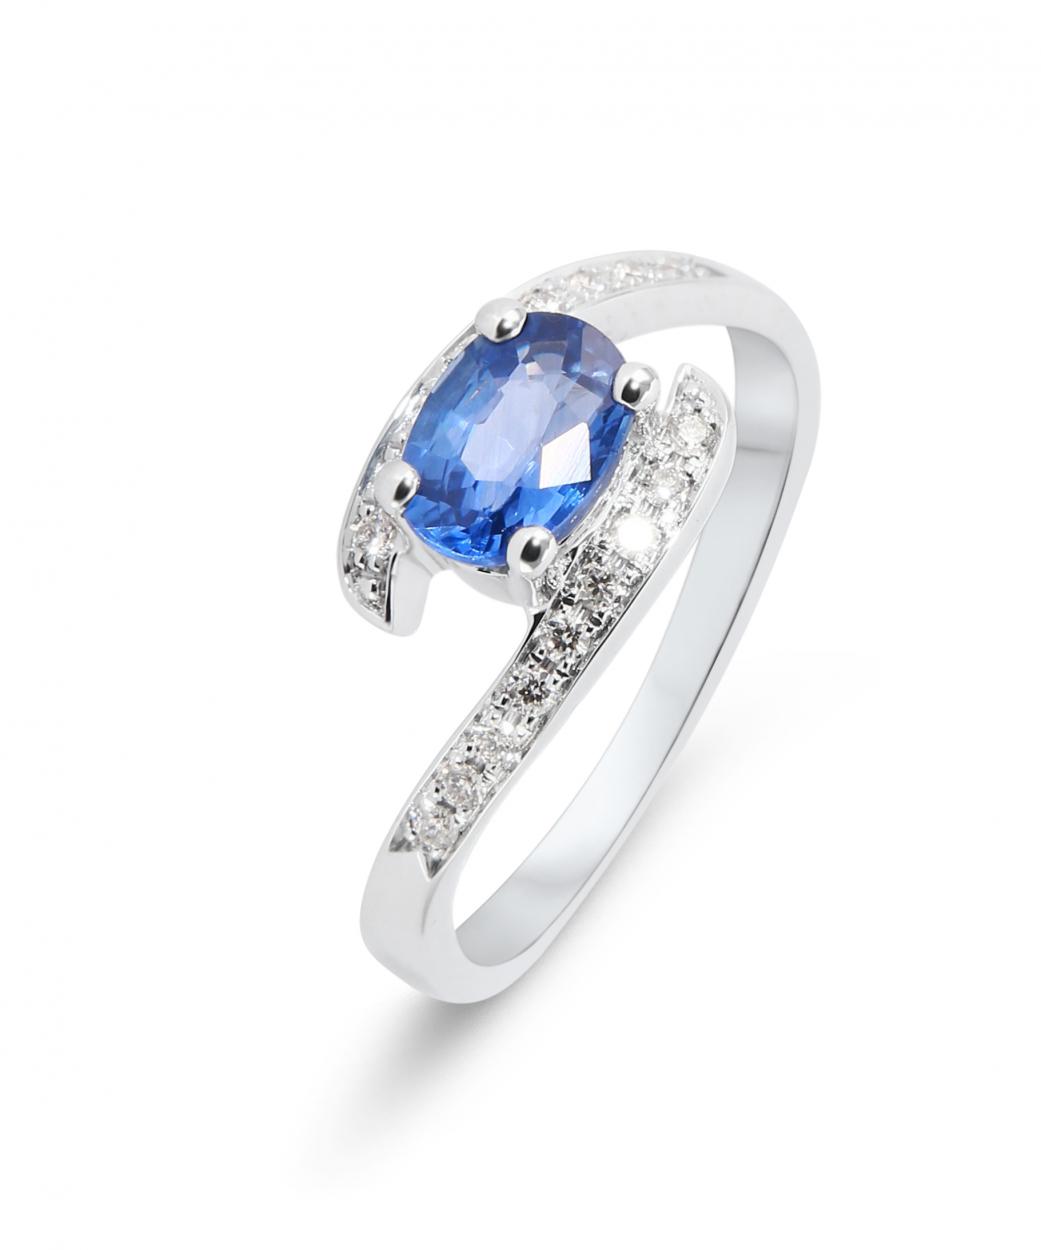 Célèbre Bague Saphir Or Blanc 7x5mm et Diamants Ref. 30367 MI73